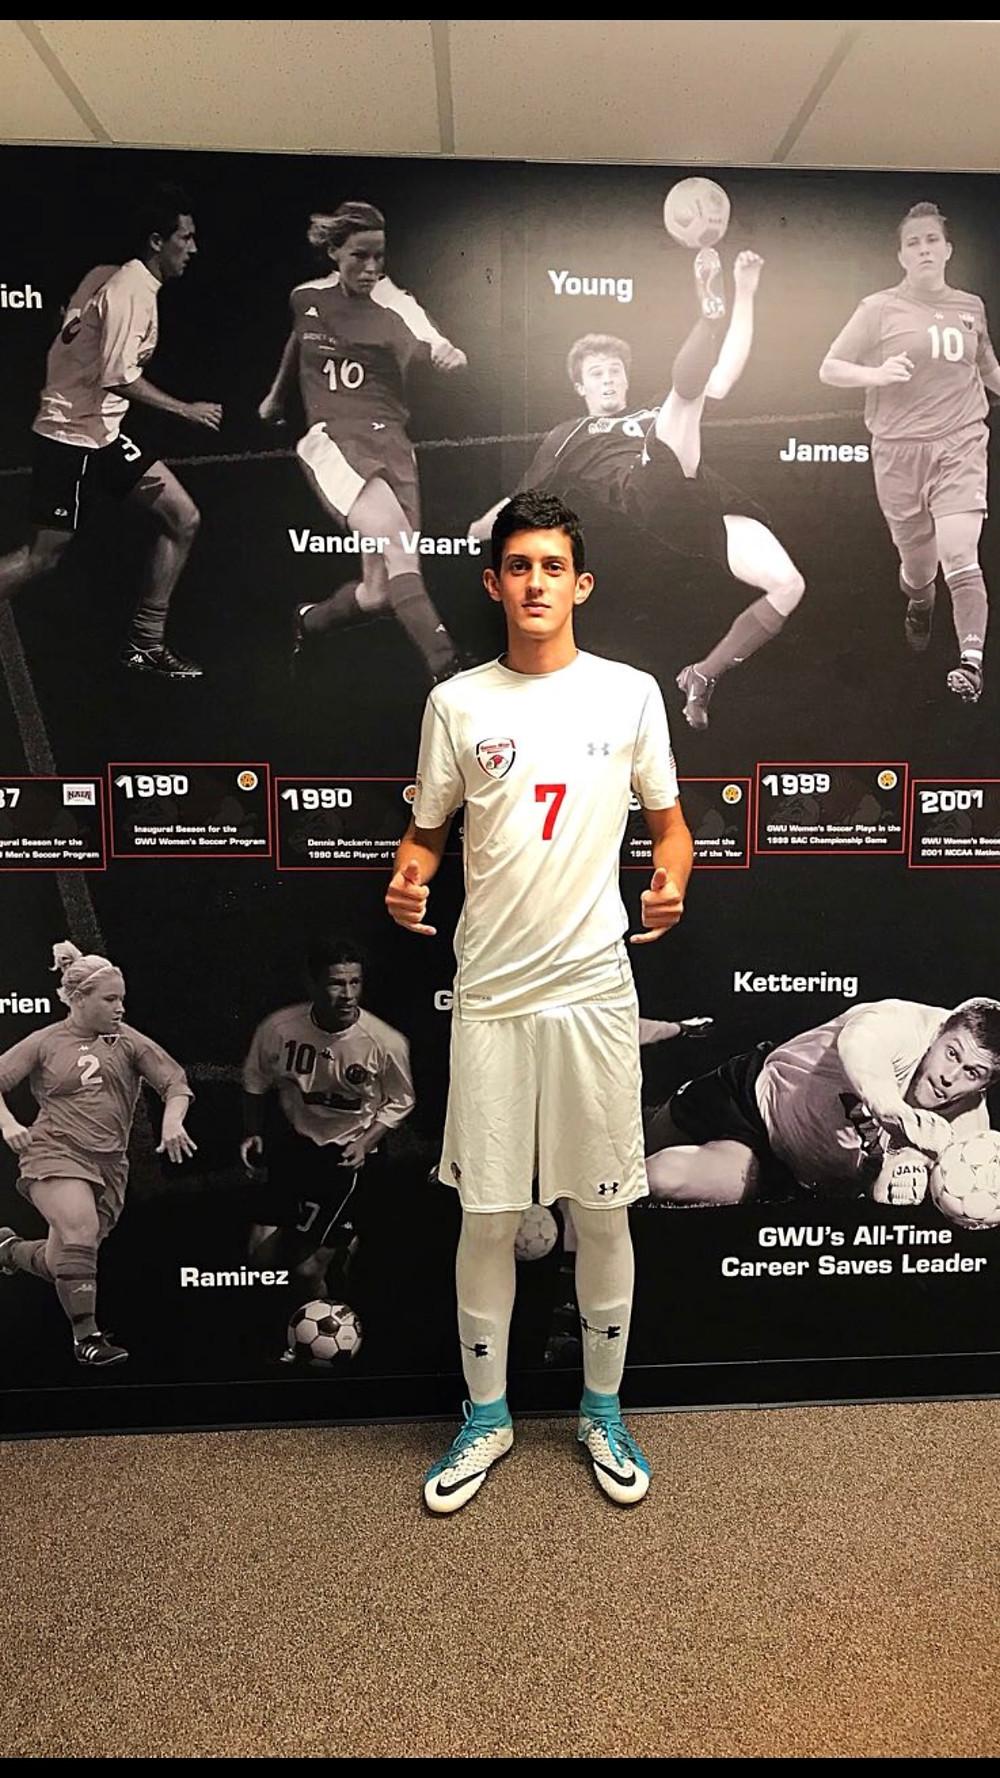 Joao Vitor com sua camisa de jogo na Gardner Webb. Faculdade NCAA DI através do auxilio da GO USA